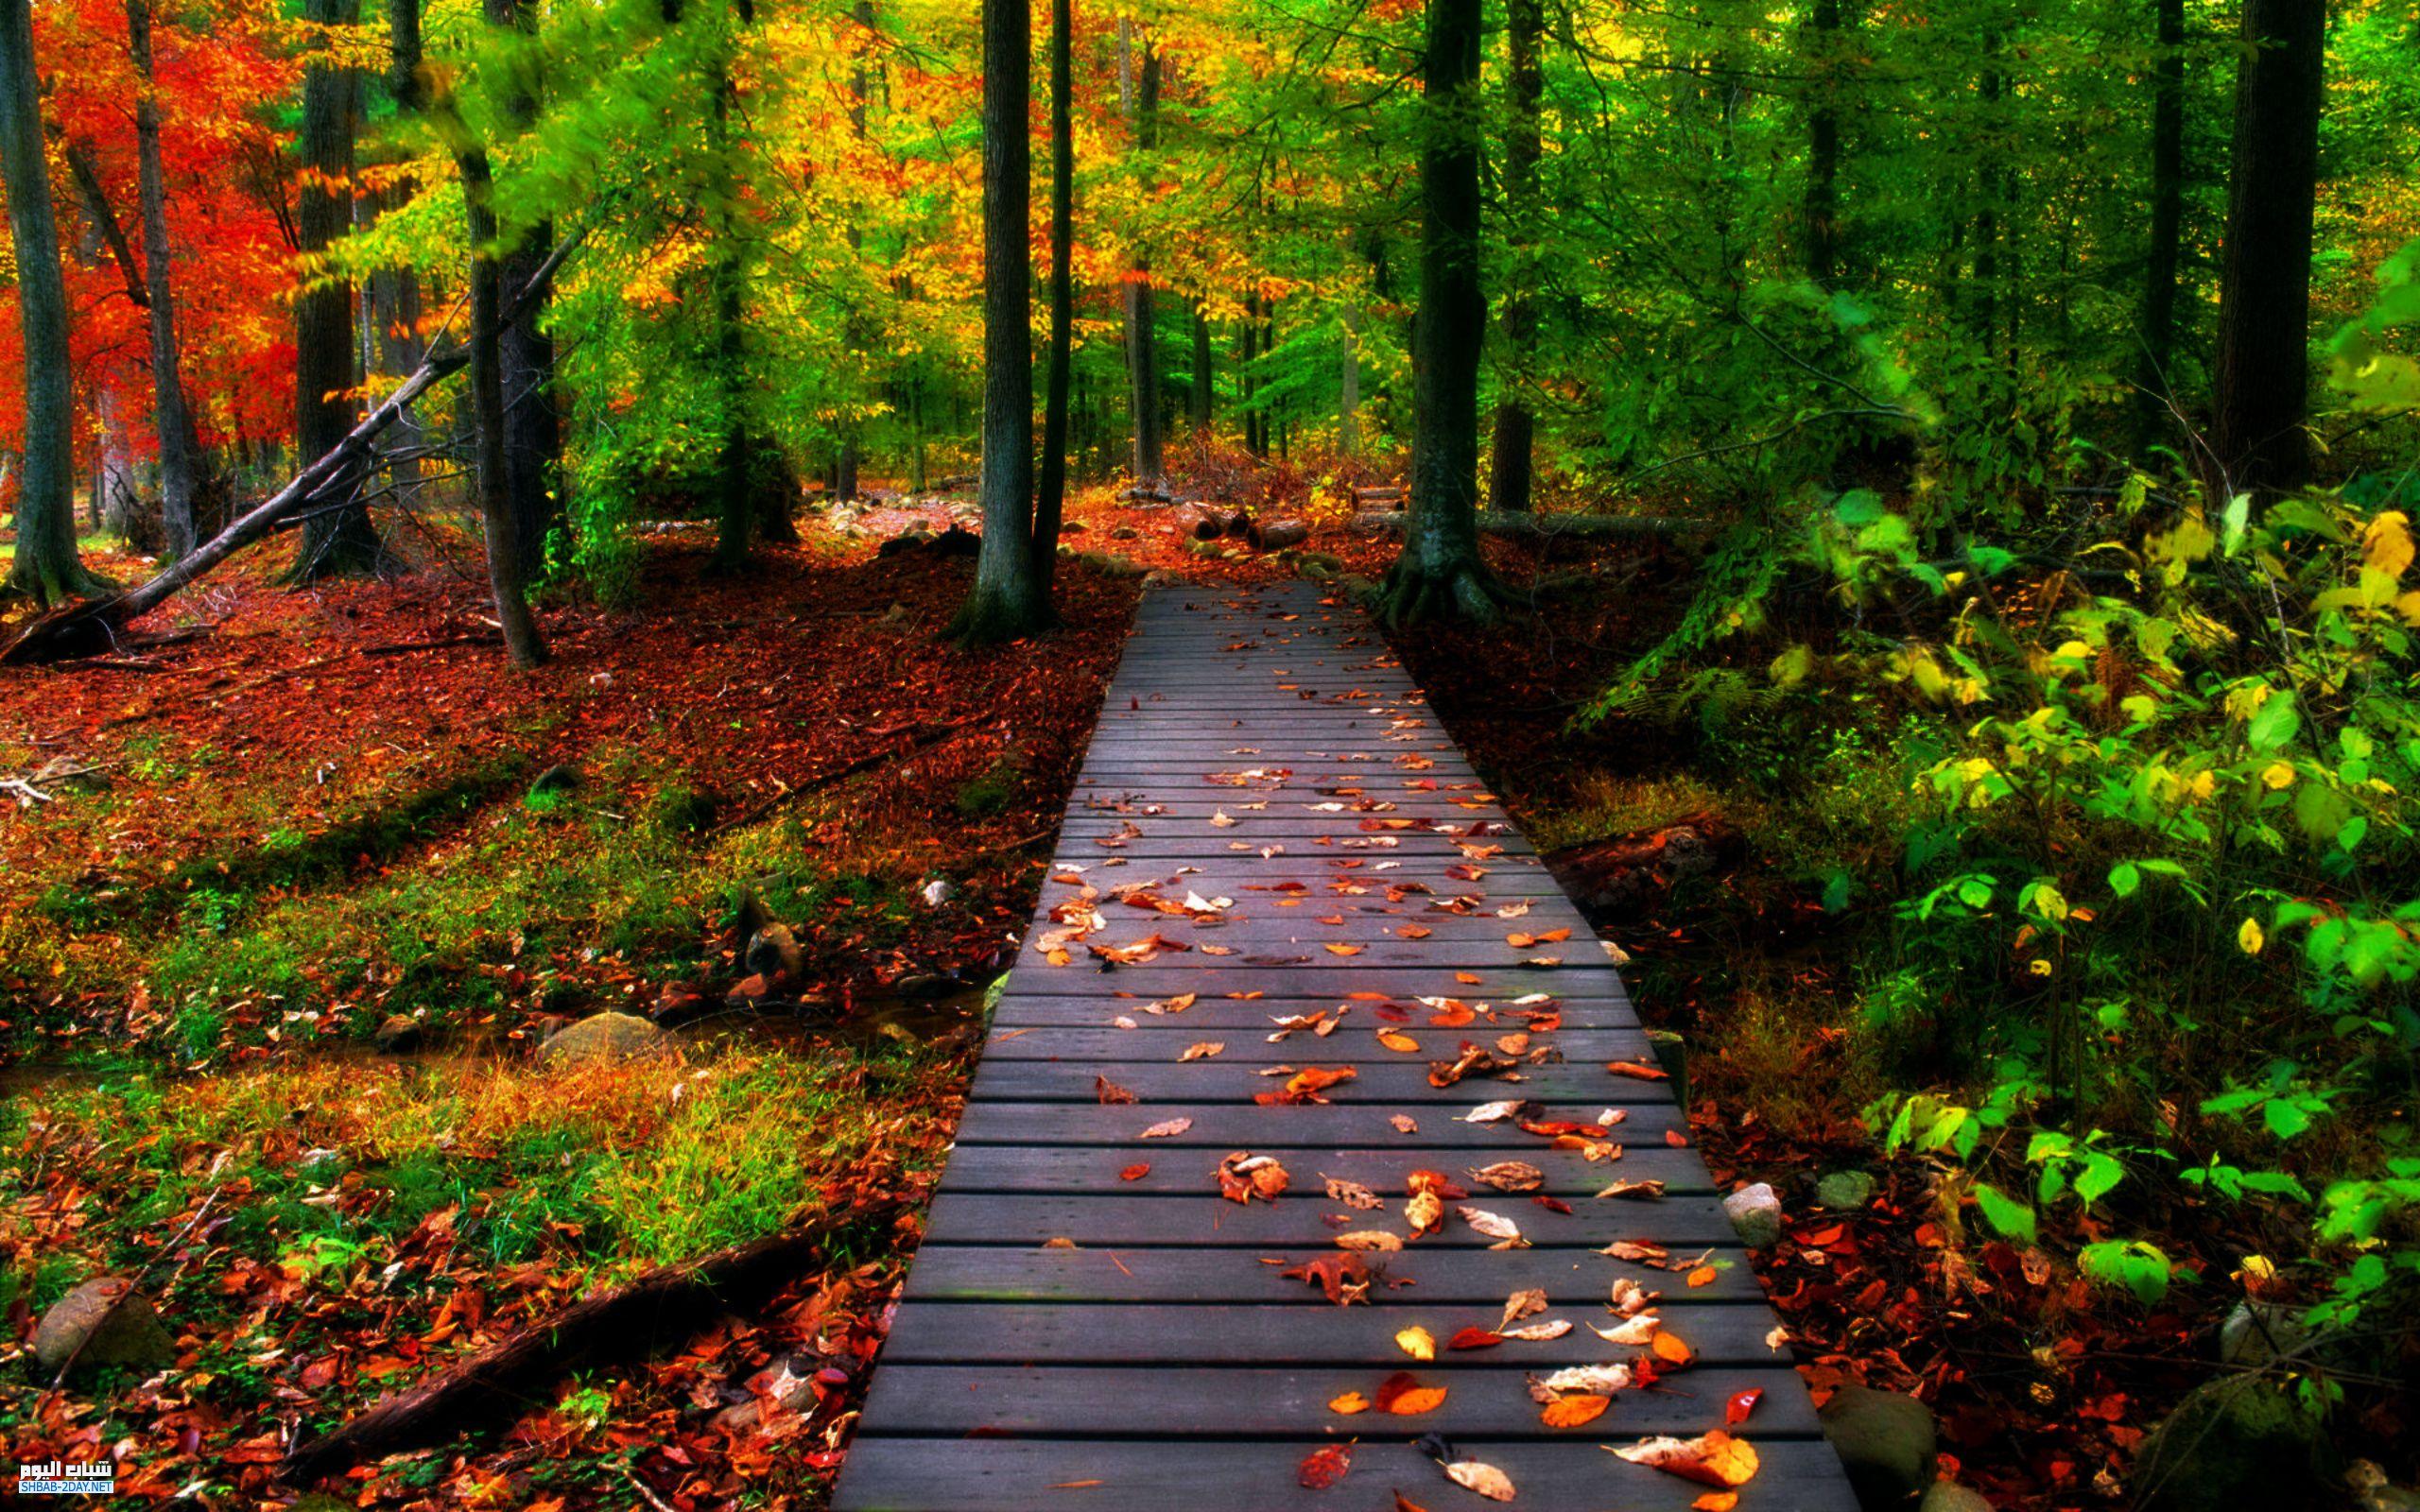 صورة اجمل الصور الطبيعية في العالم , مناظر طبيعية خلابة 4055 7